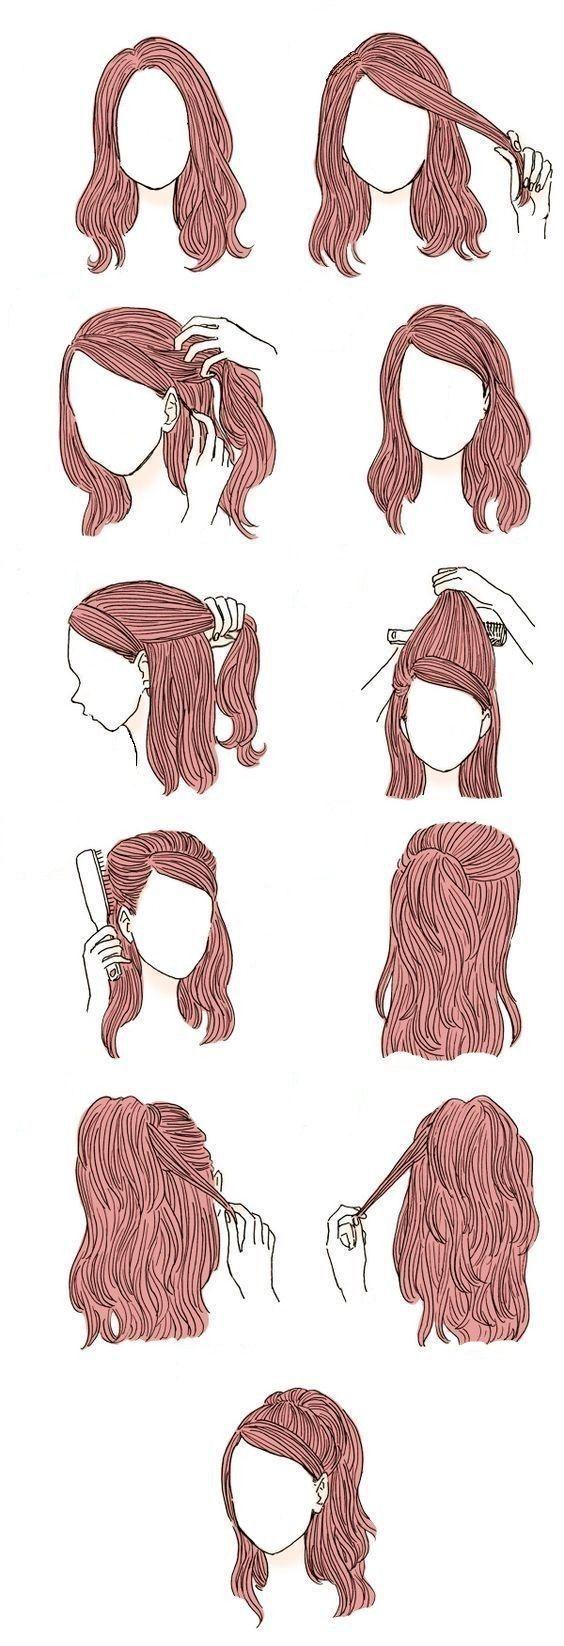 Frisur für die Schule #coiffure